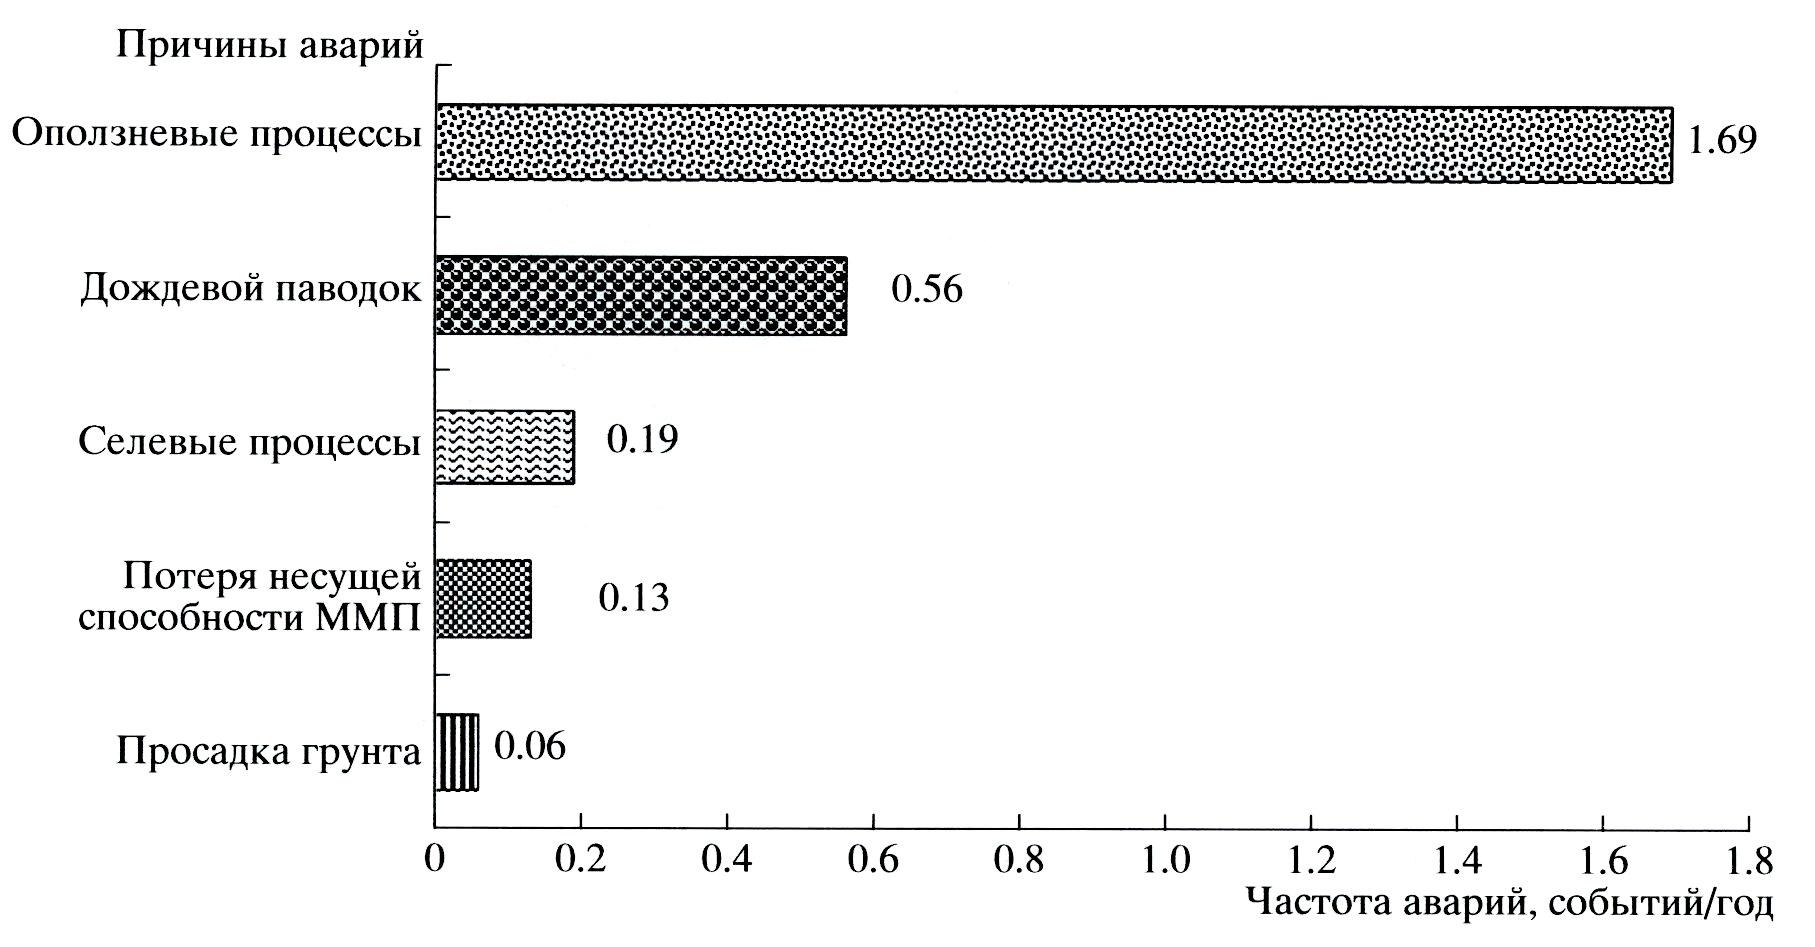 Рисунок. Частота аварий на линейной части газопроводов, инициируемых природными источниками.